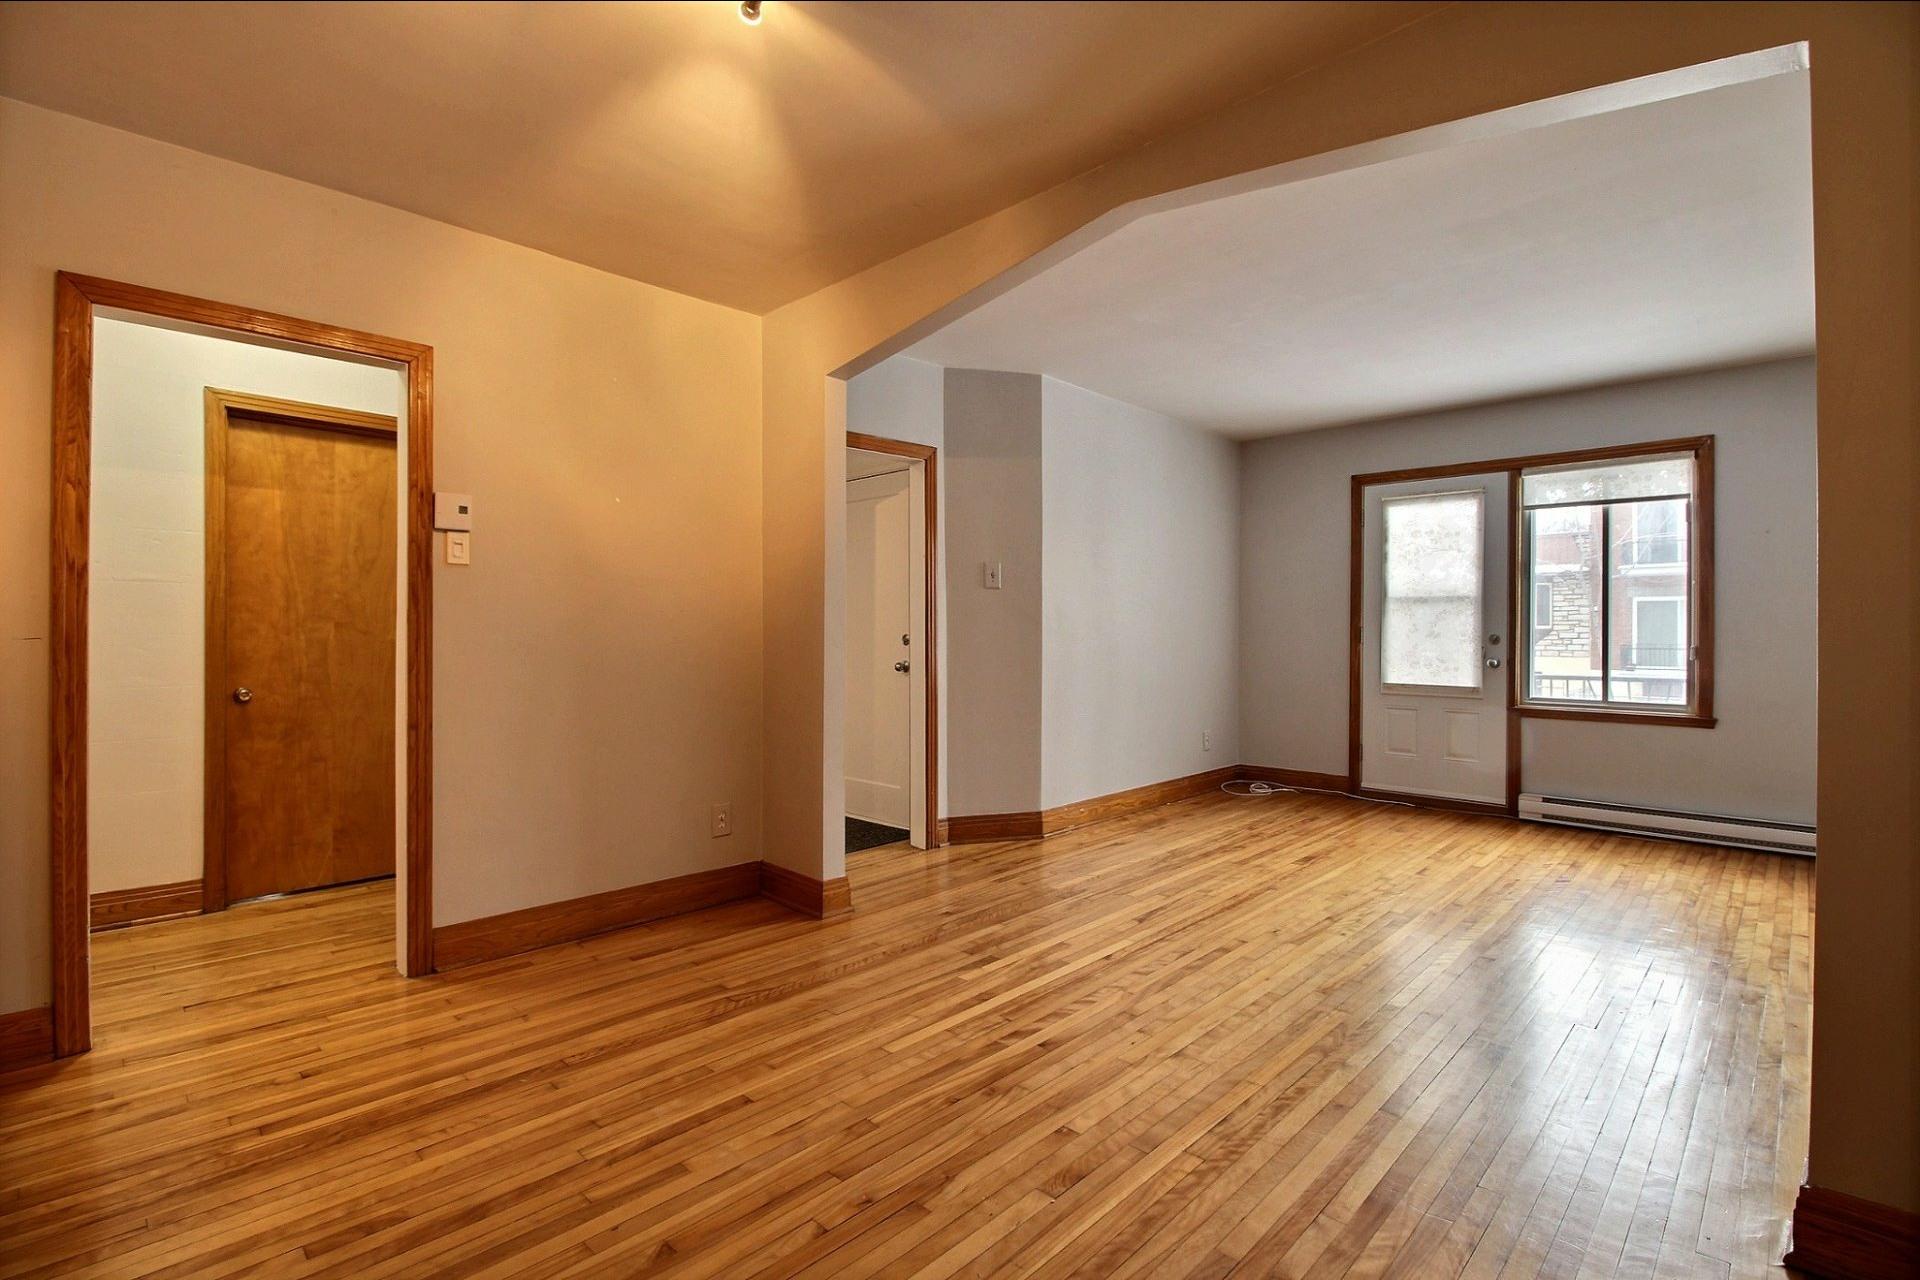 image 5 - Appartement À louer Ahuntsic-Cartierville Montréal  - 7 pièces